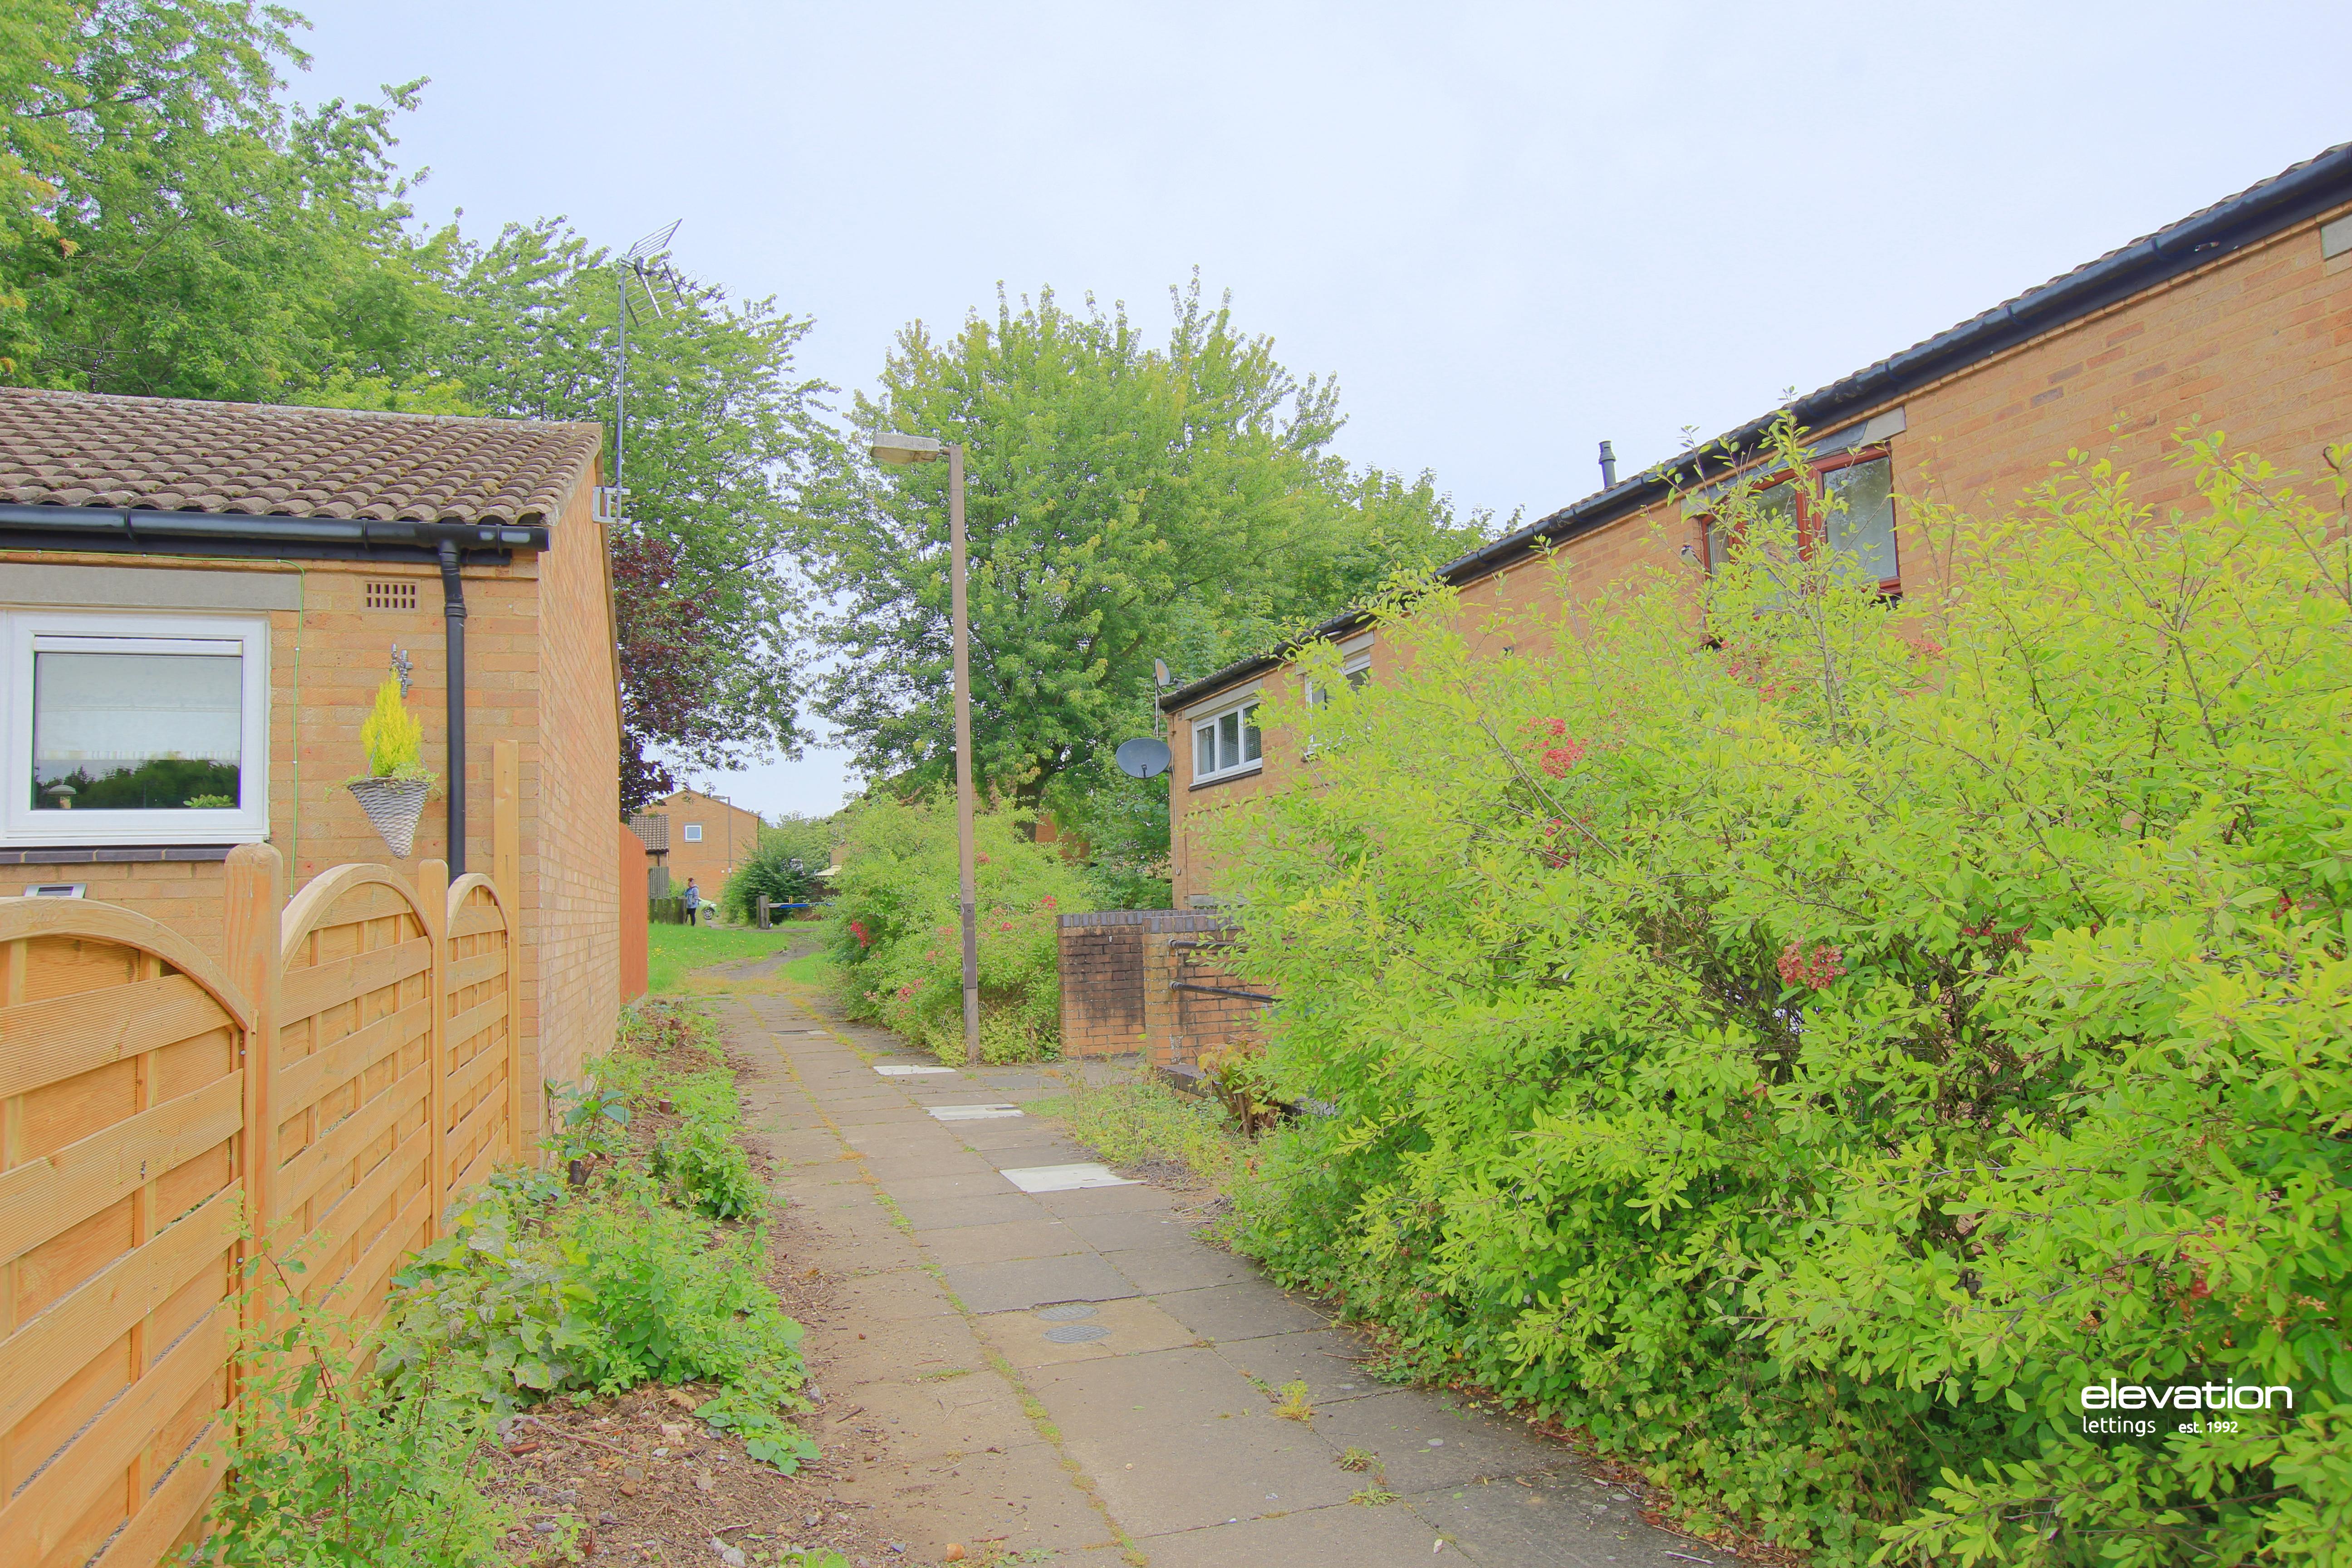 Kildonan Place, Milton Keynes, Buckinghamshire Image